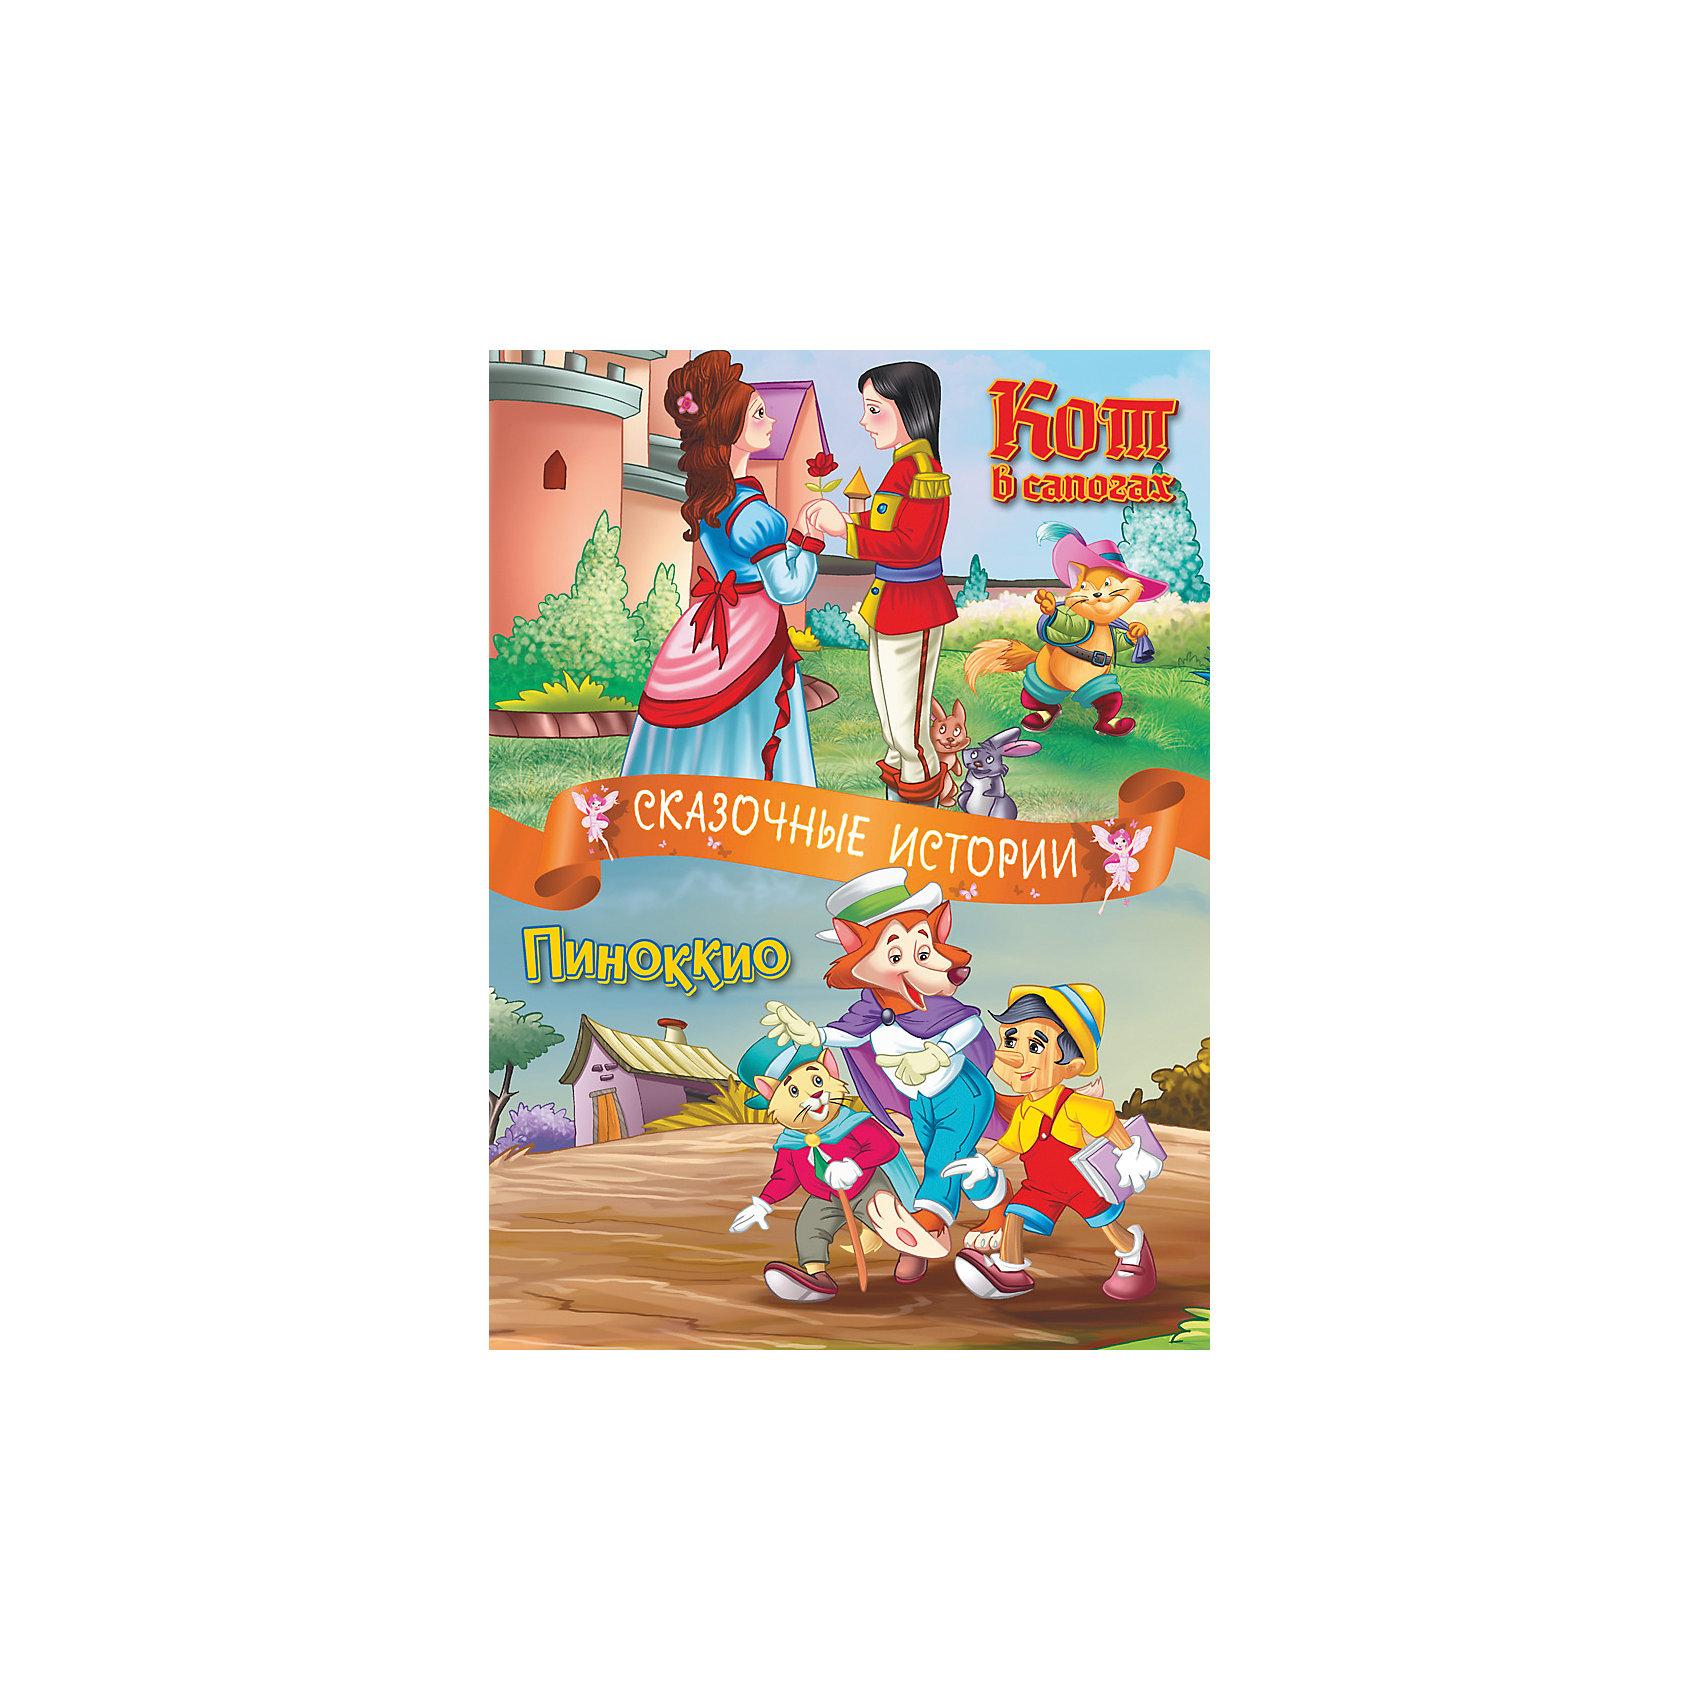 Новый Диск Сказочные истории: Кот в сапогах, Пиноккио диск с фильмам не торопи любовь диск в интернет магазине